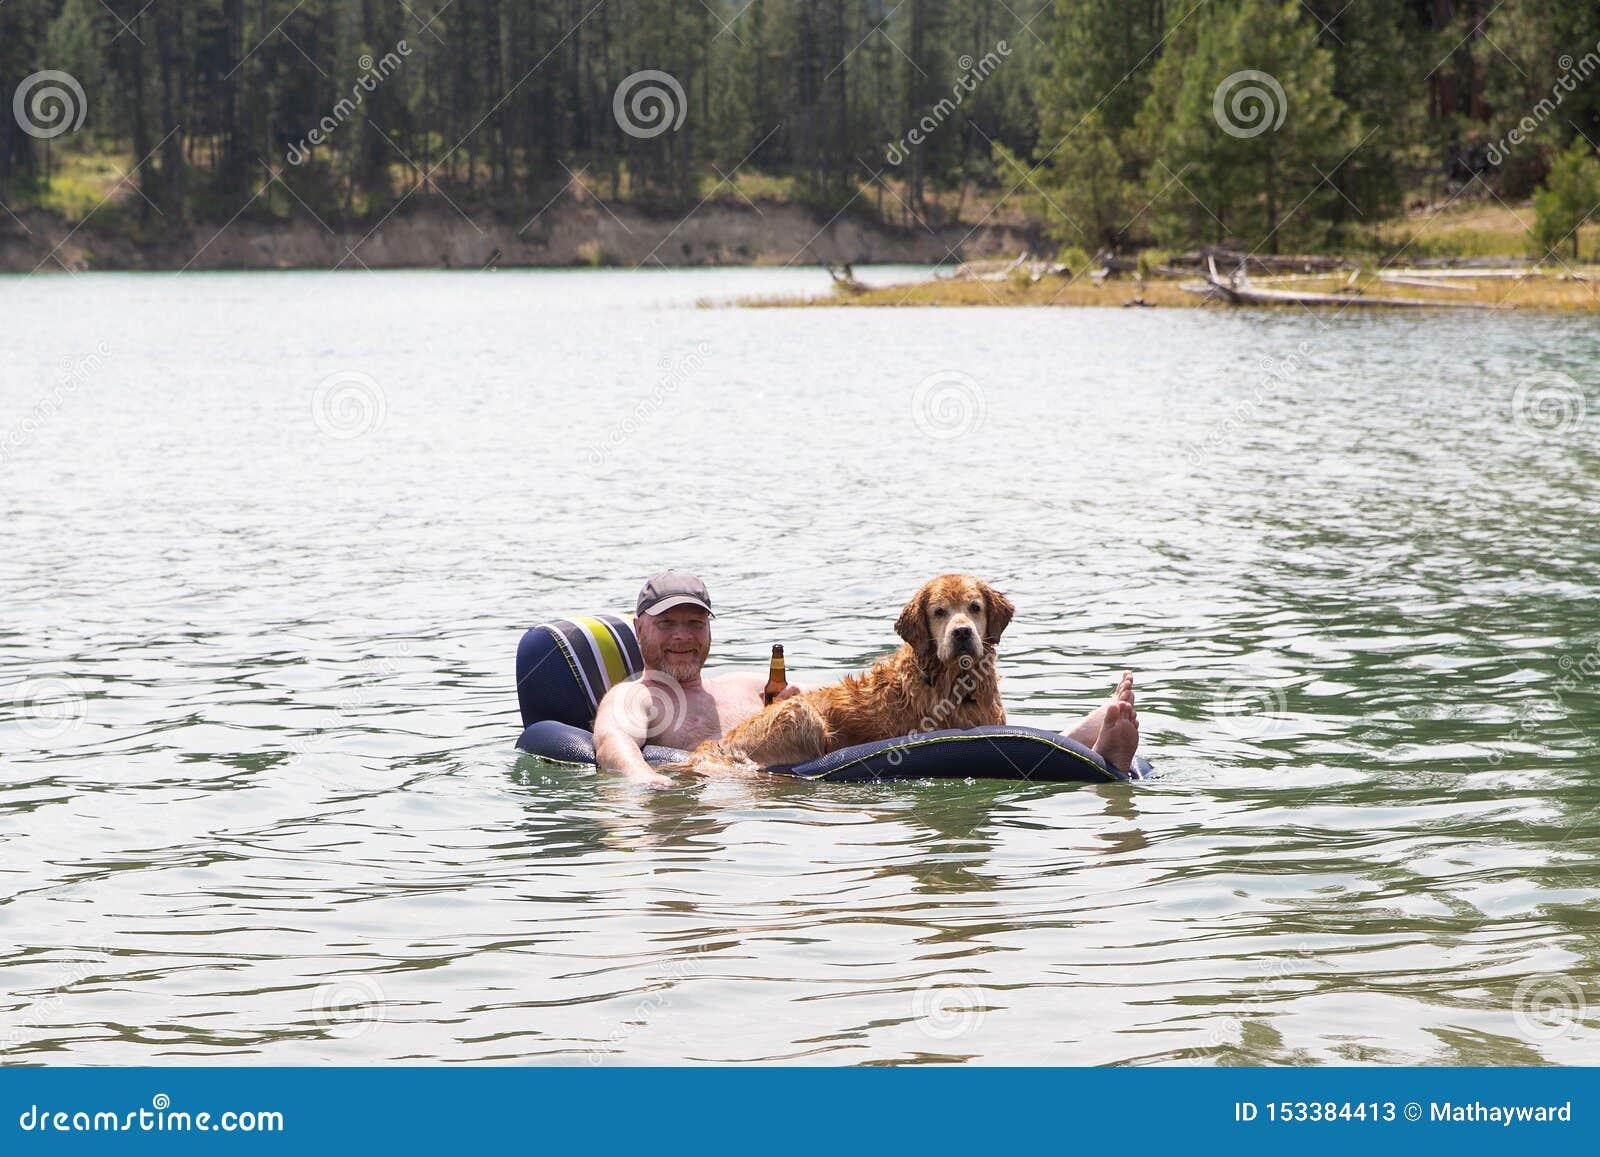 Szczęśliwy mężczyzna pije piwo i unosi się na jeziorze z jego golden retriever psem